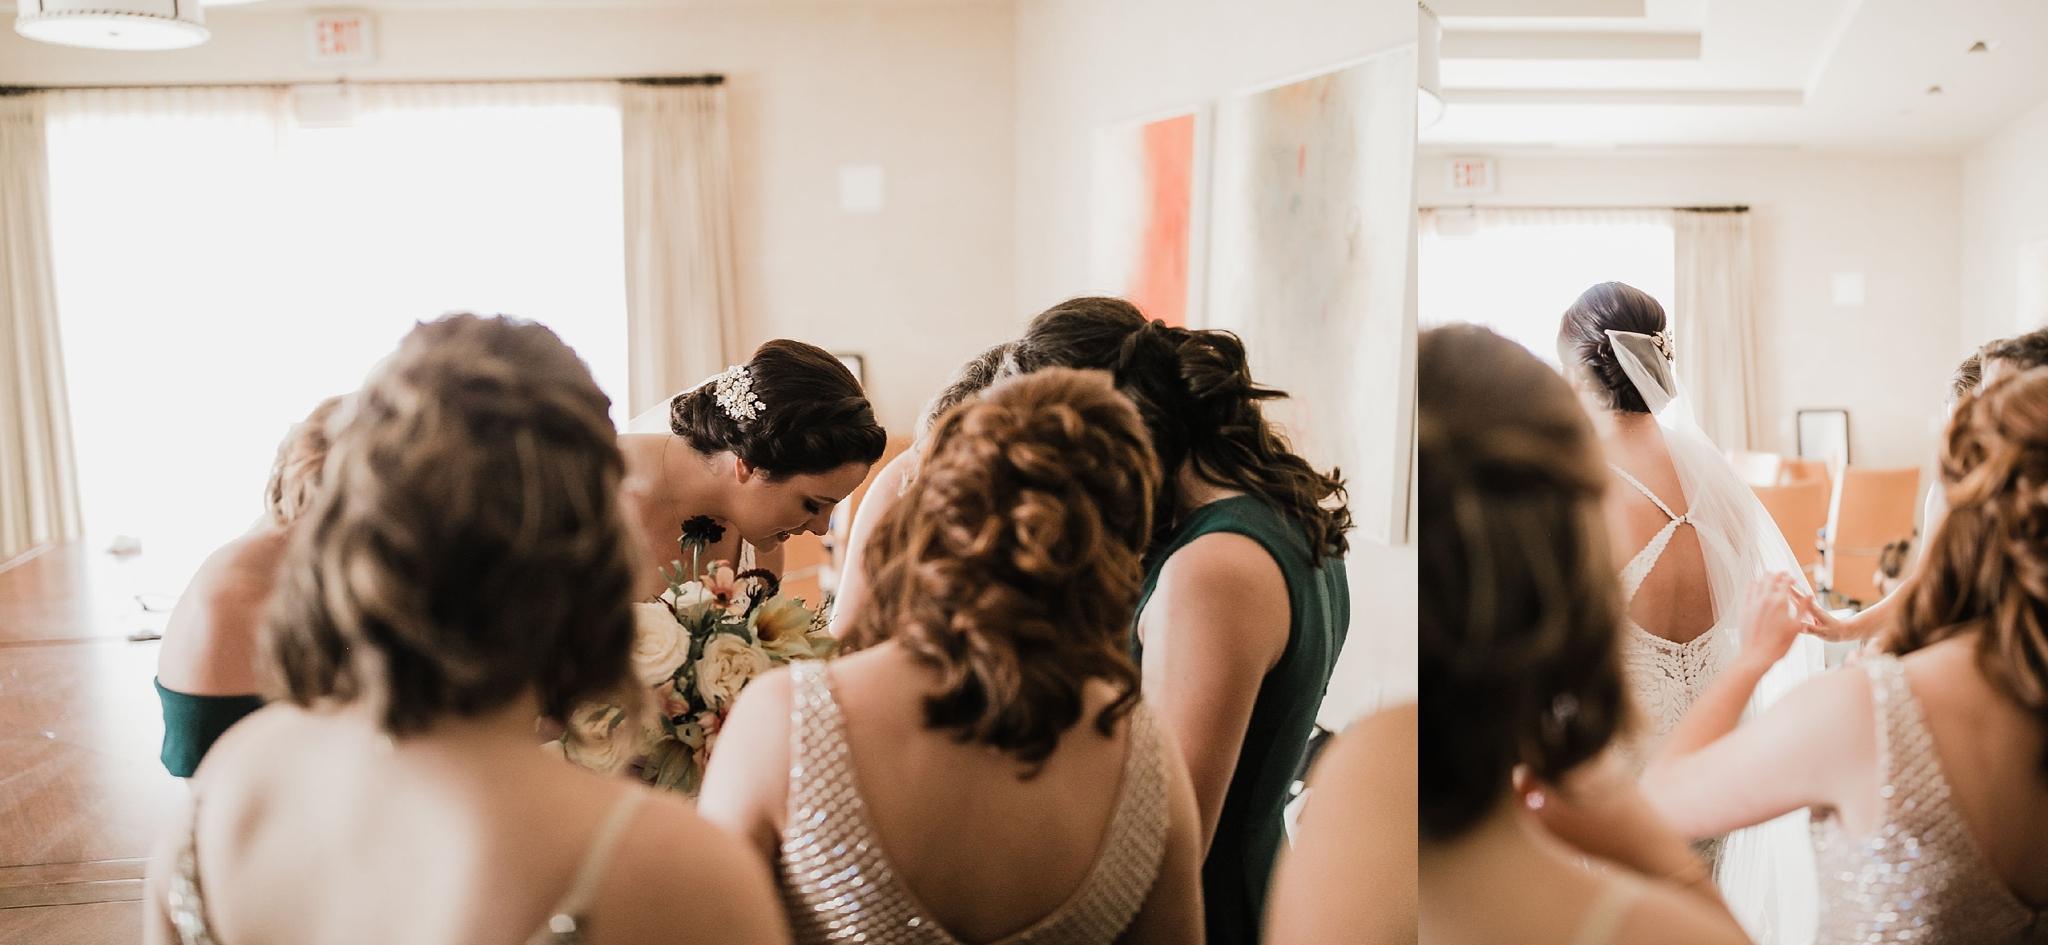 Alicia+lucia+photography+-+albuquerque+wedding+photographer+-+santa+fe+wedding+photography+-+new+mexico+wedding+photographer+-+new+mexico+wedding+-+santa+fe+wedding+-+four+seasons+wedding+-+winter+wedding_0019.jpg